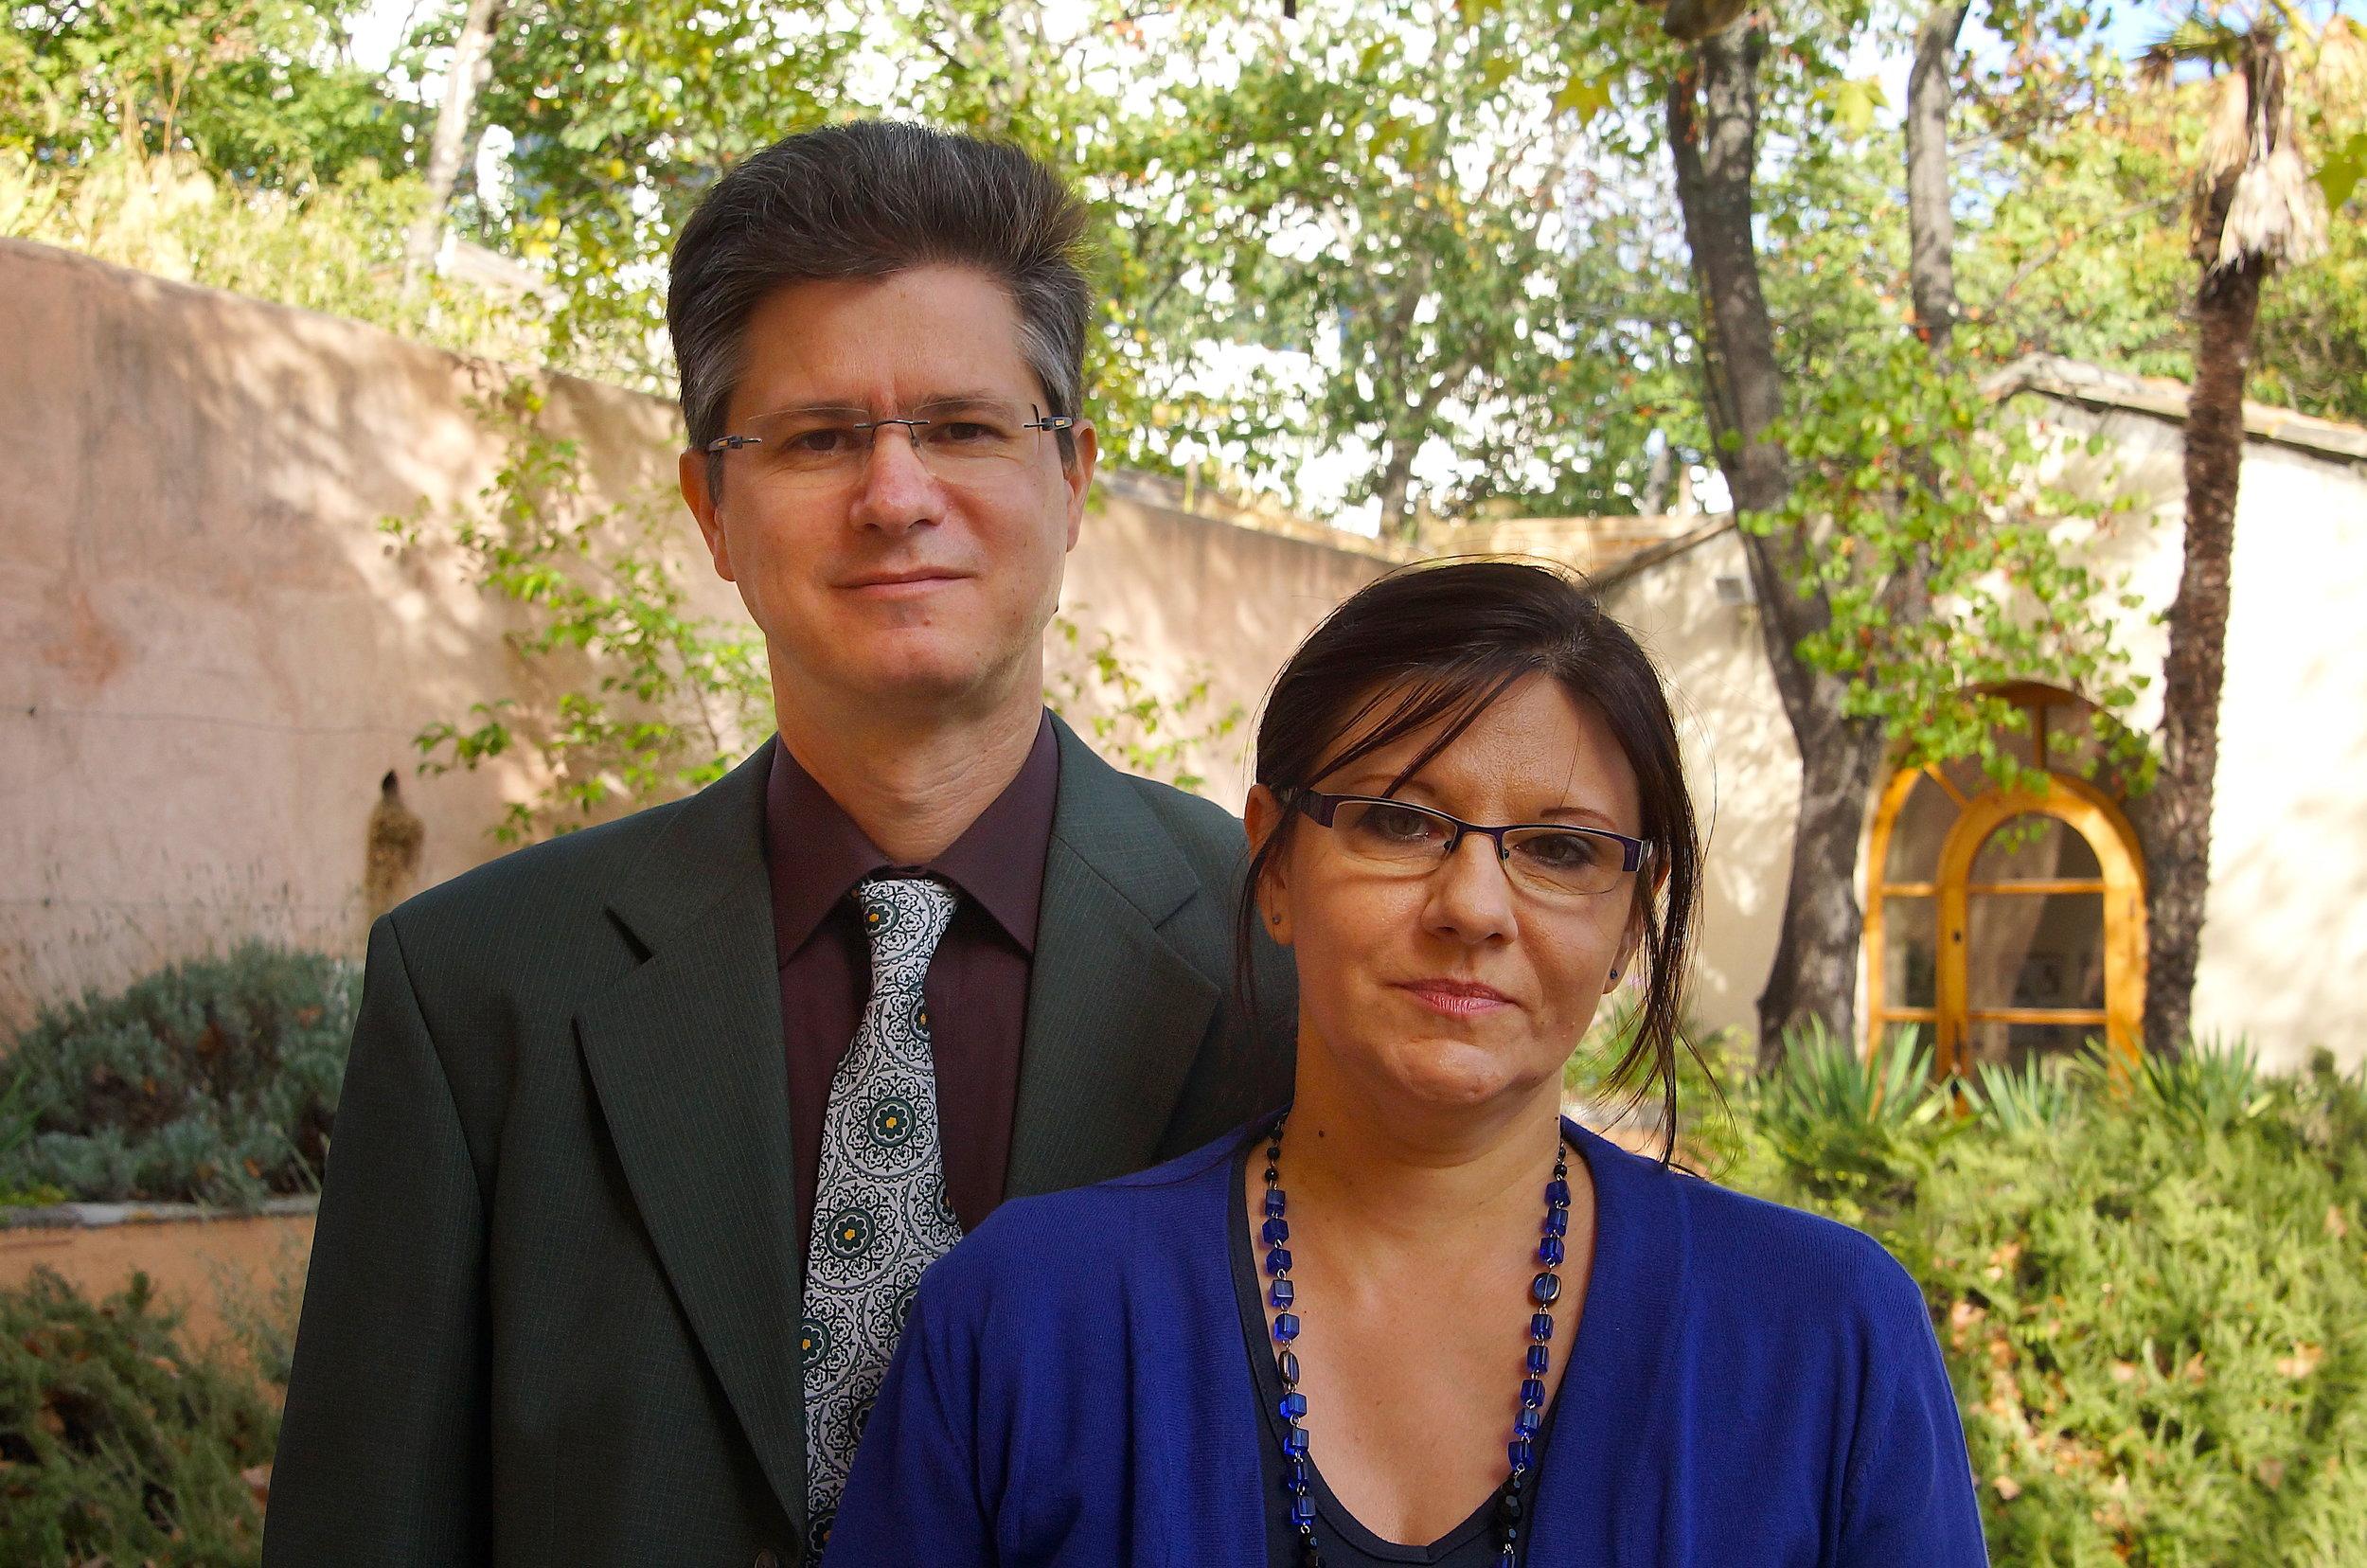 Jean-Philippe and Dana Bru